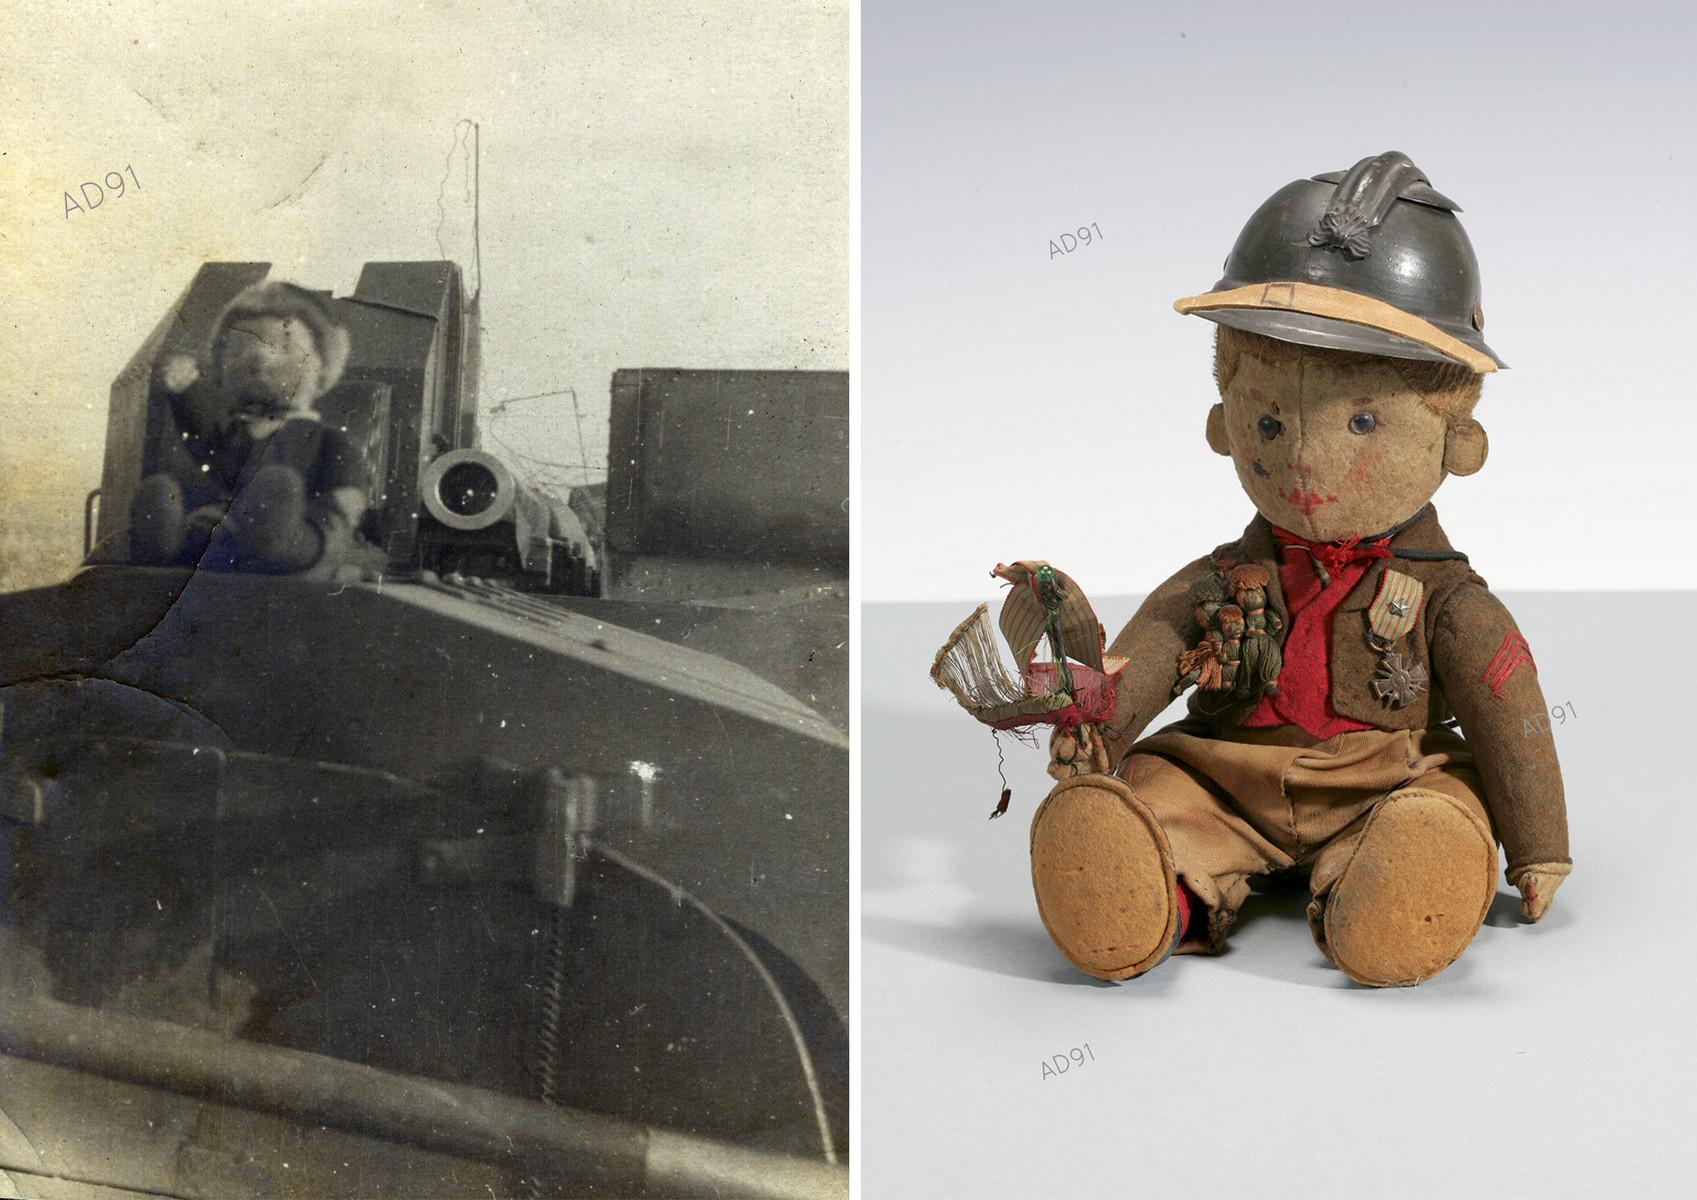 27 -  La peluche mascotte de Marcel Larcher posée sur l'auto-canon, photographie, [1917-1918]. (023NUM019/87). - Peluche mascotte, photographie. (032NUM019/156)